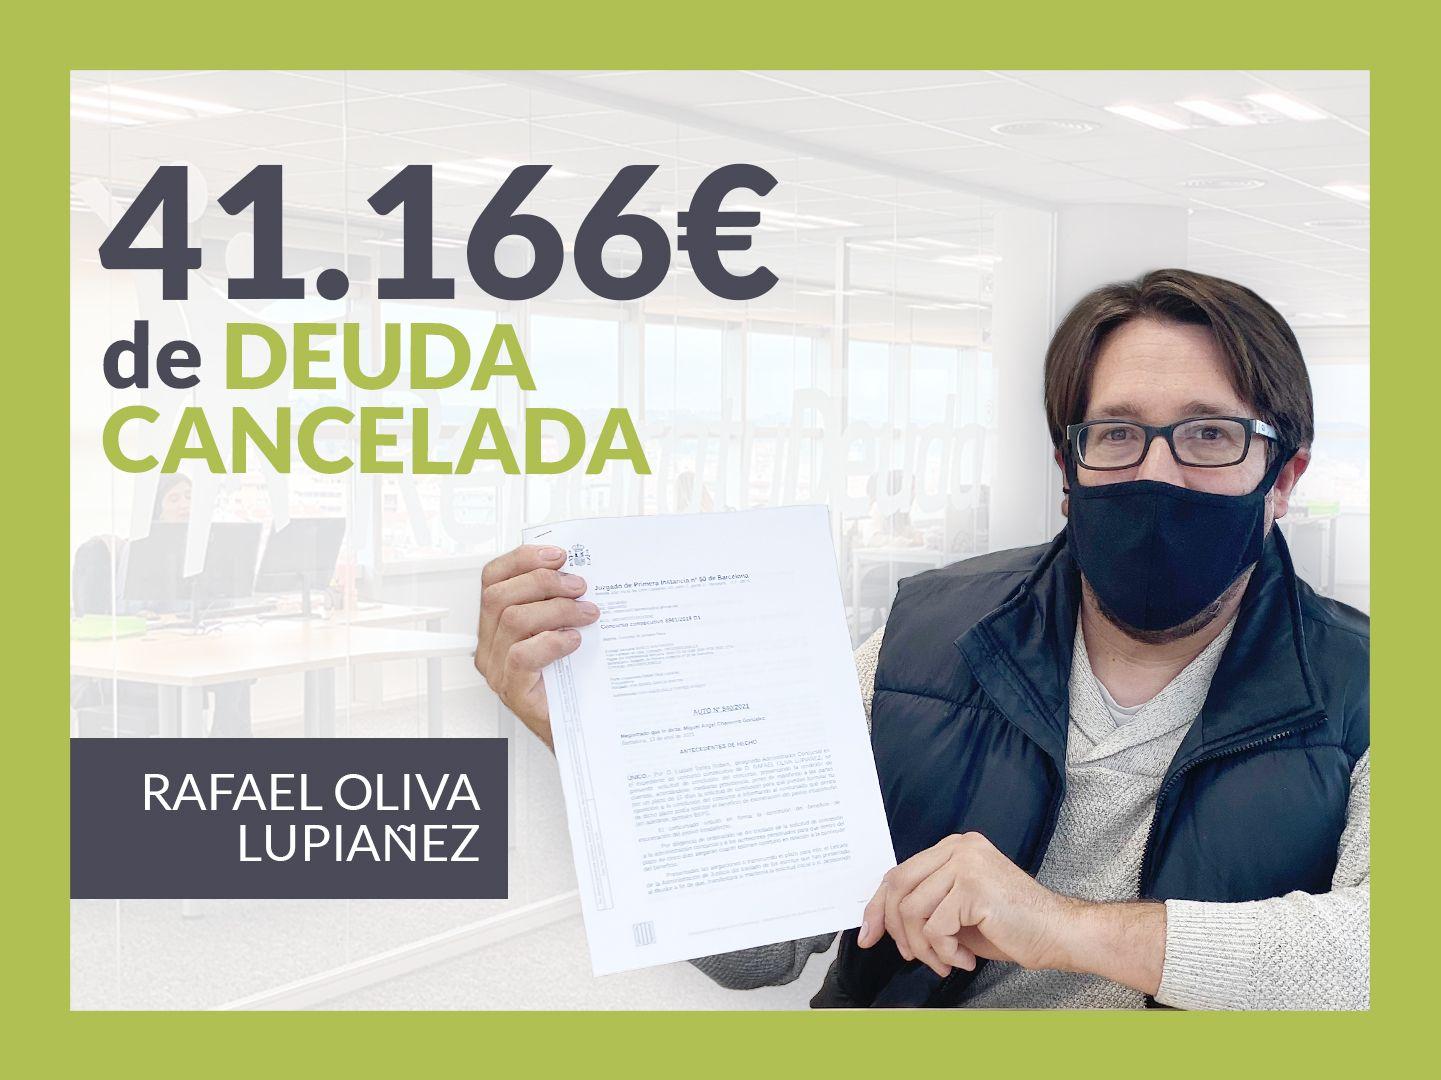 Repara tu Deuda Abogados cancela 41.166 ? en Barcelona con la Ley de Segunda Oportunidad